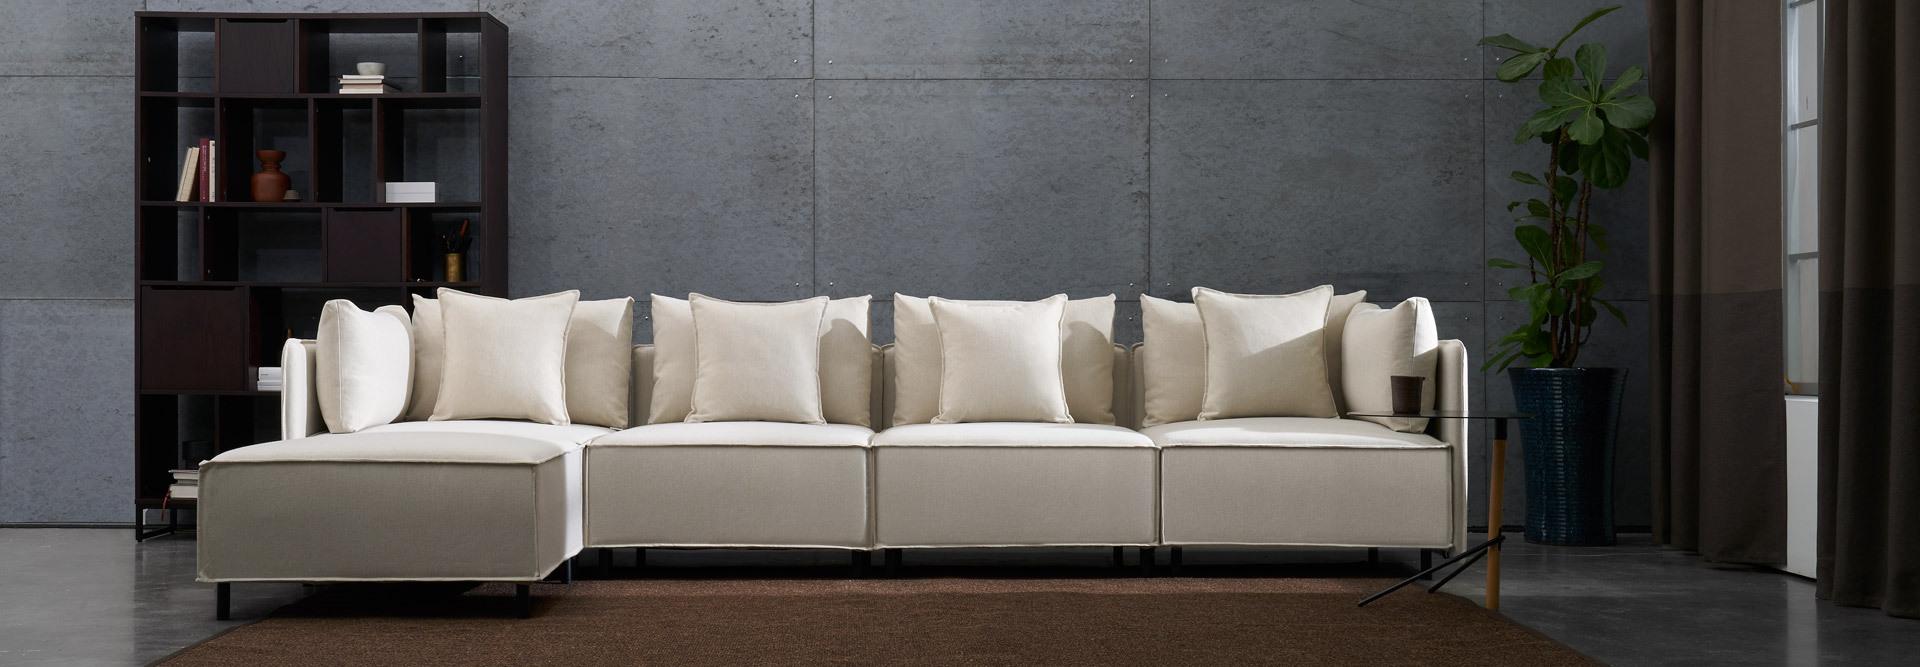 超宽大,极舒适,可拆洗的全尺寸沙发